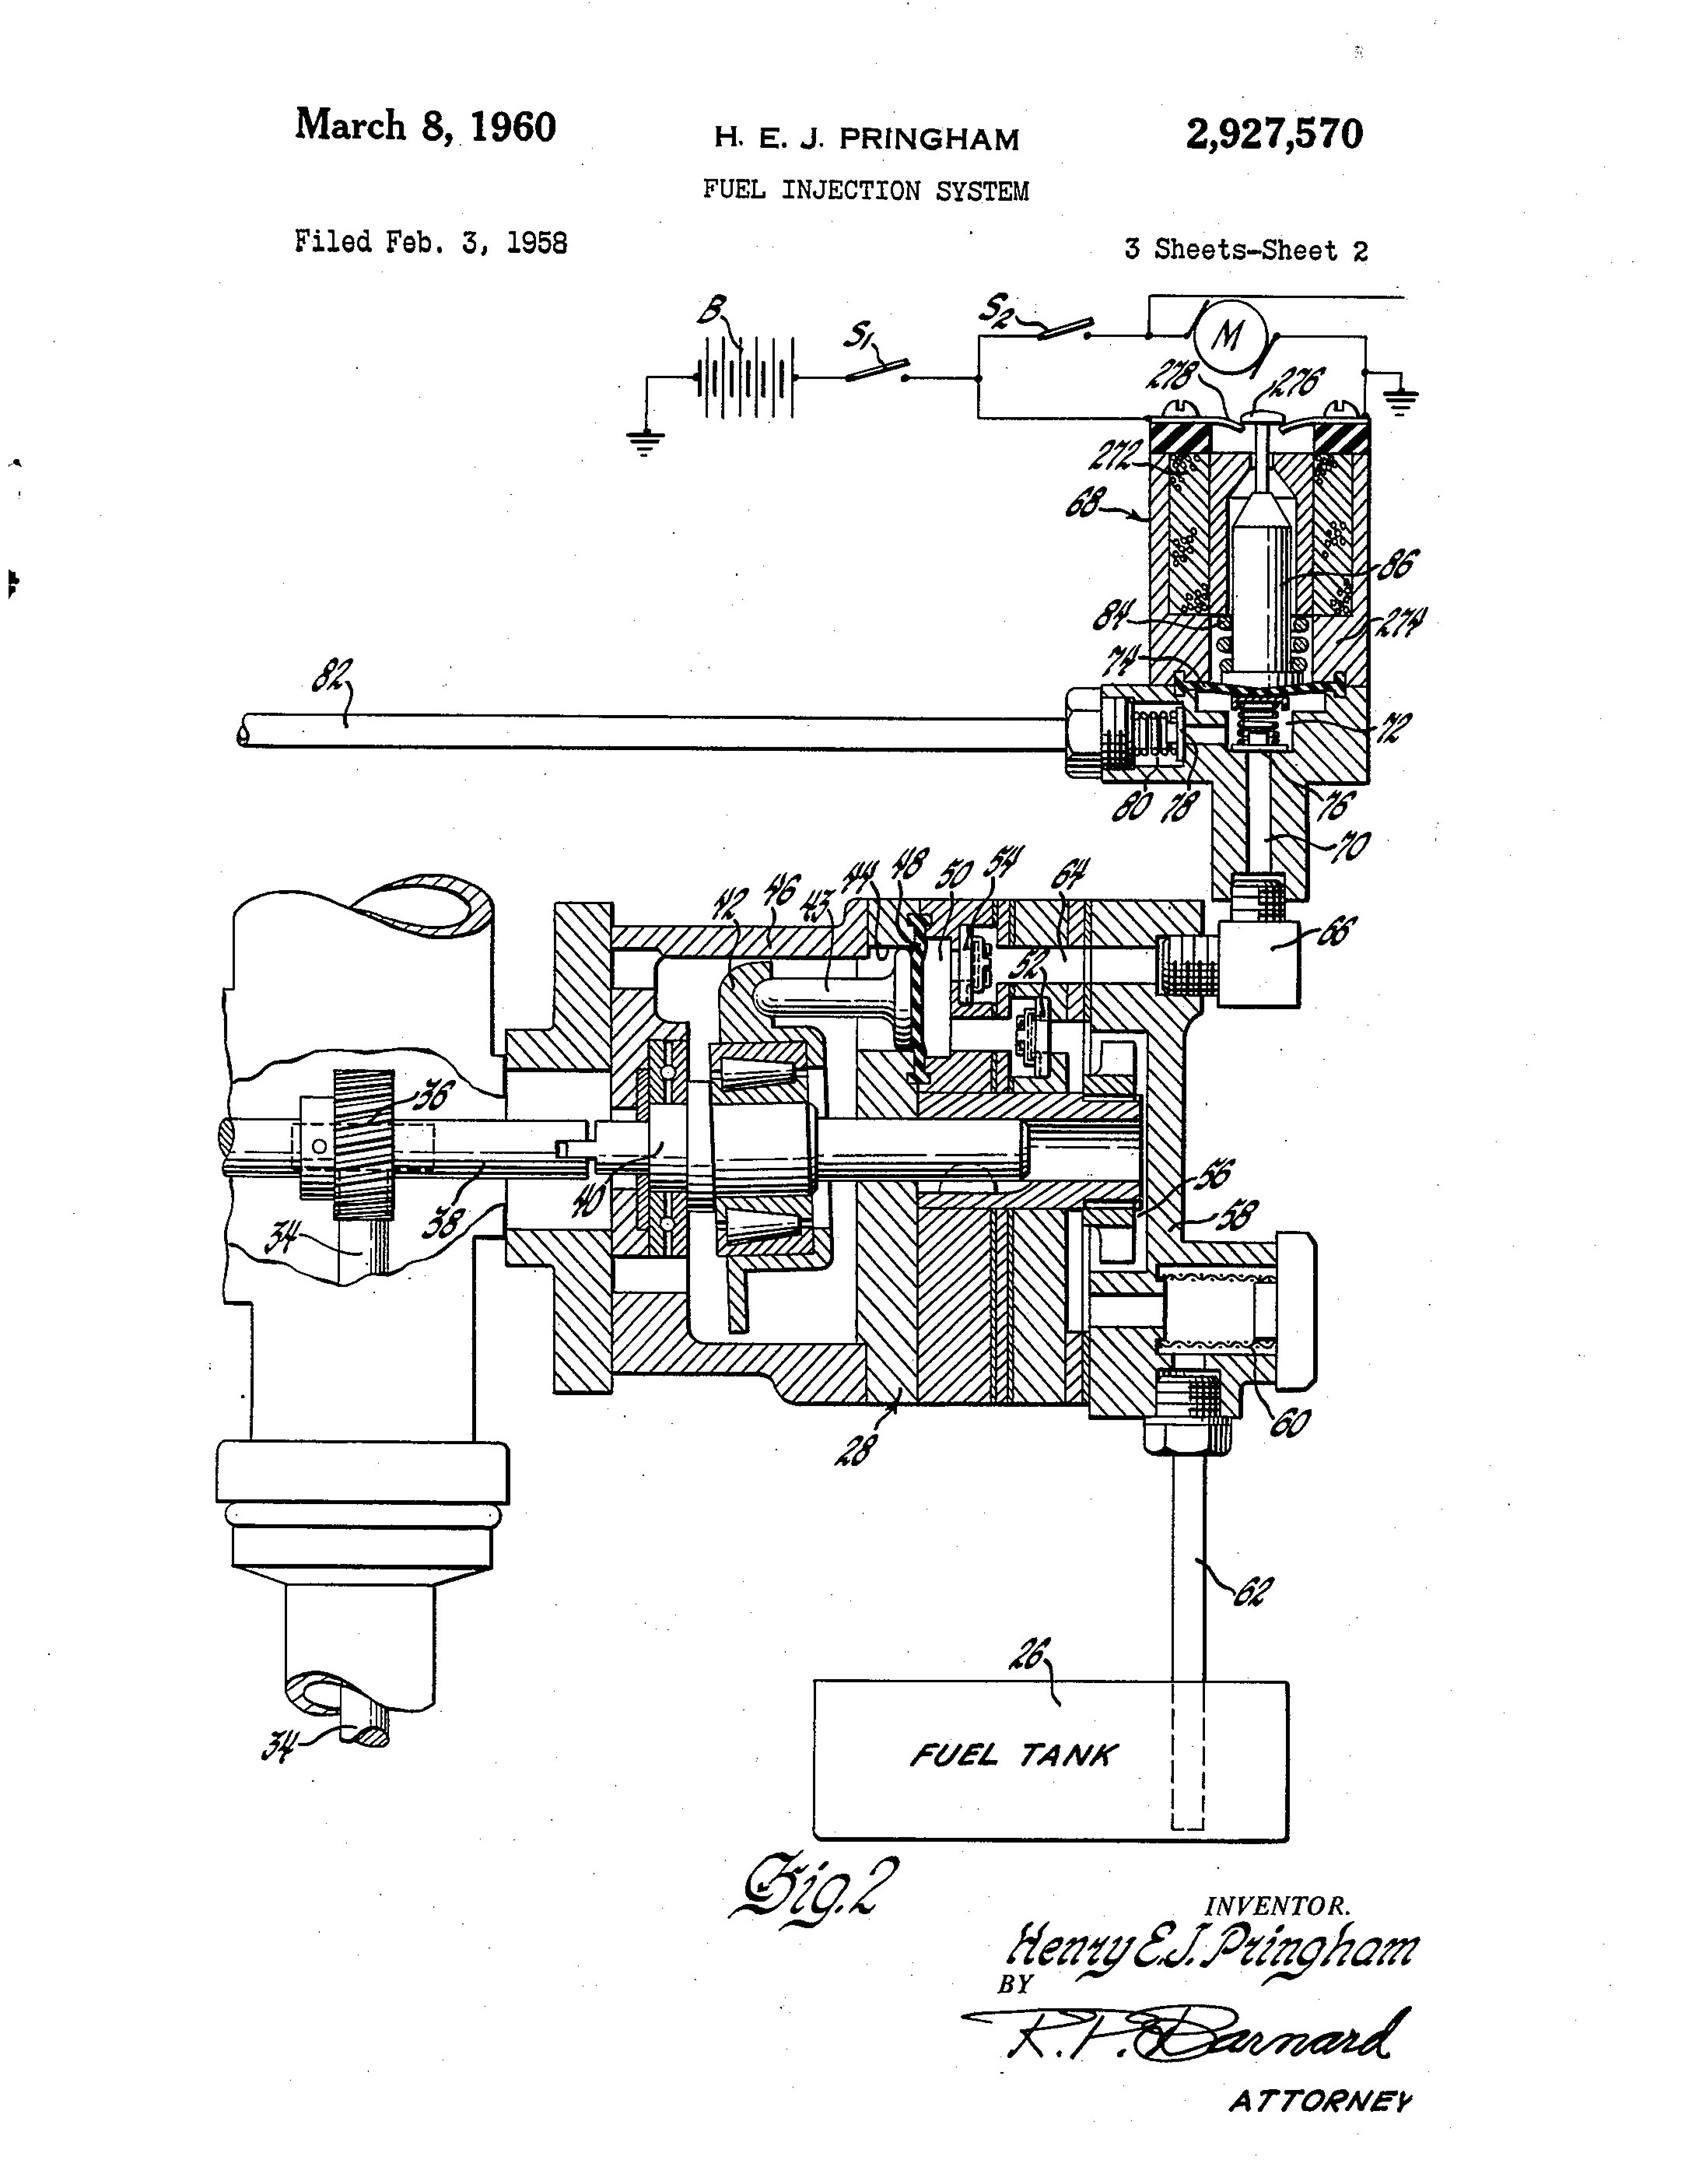 Pringham's injection prototype